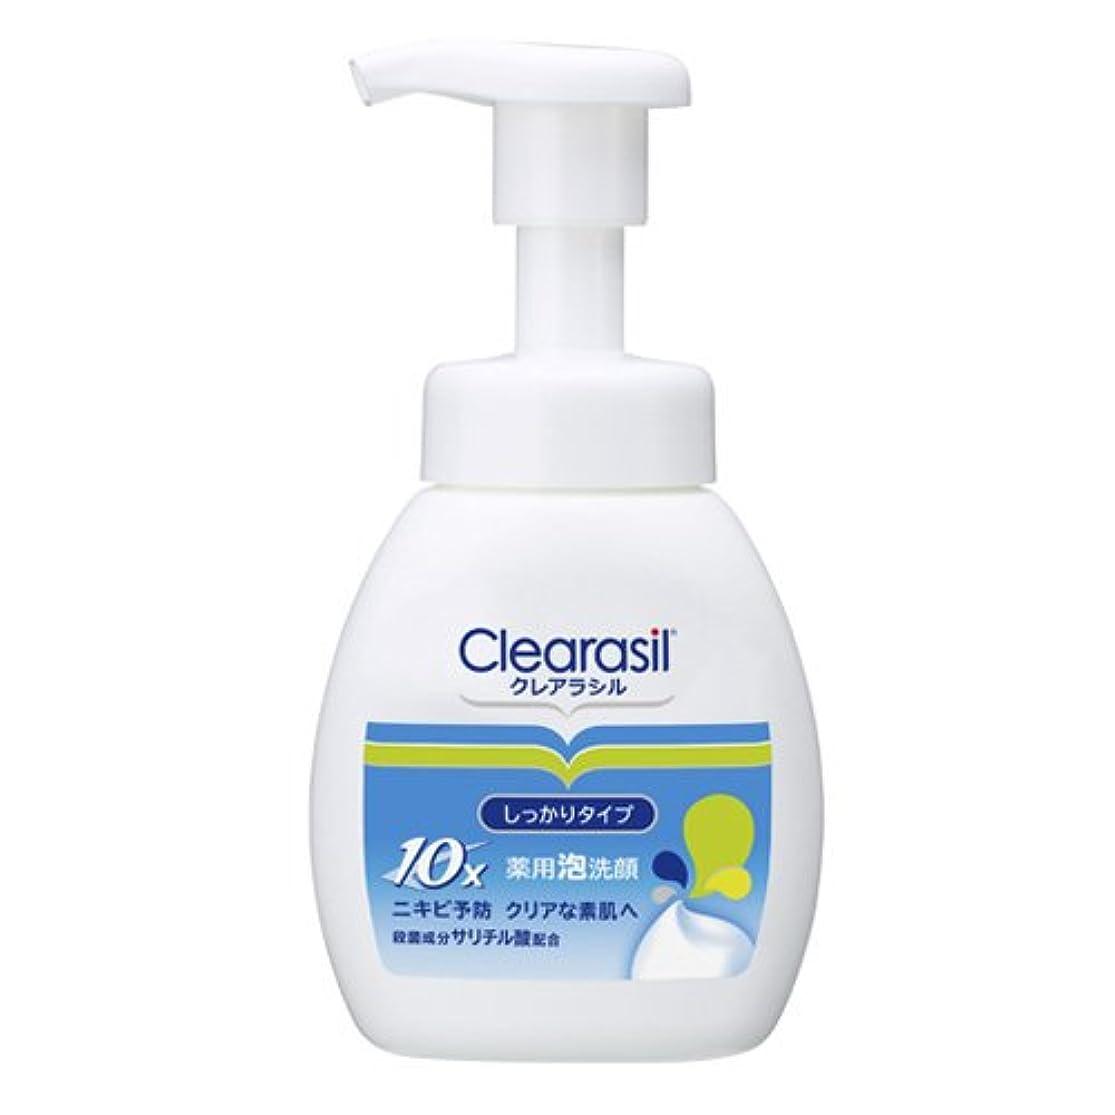 注目すべき階下生まれ【clearasil】クレアラシル 薬用泡洗顔フォーム10 (200ml)